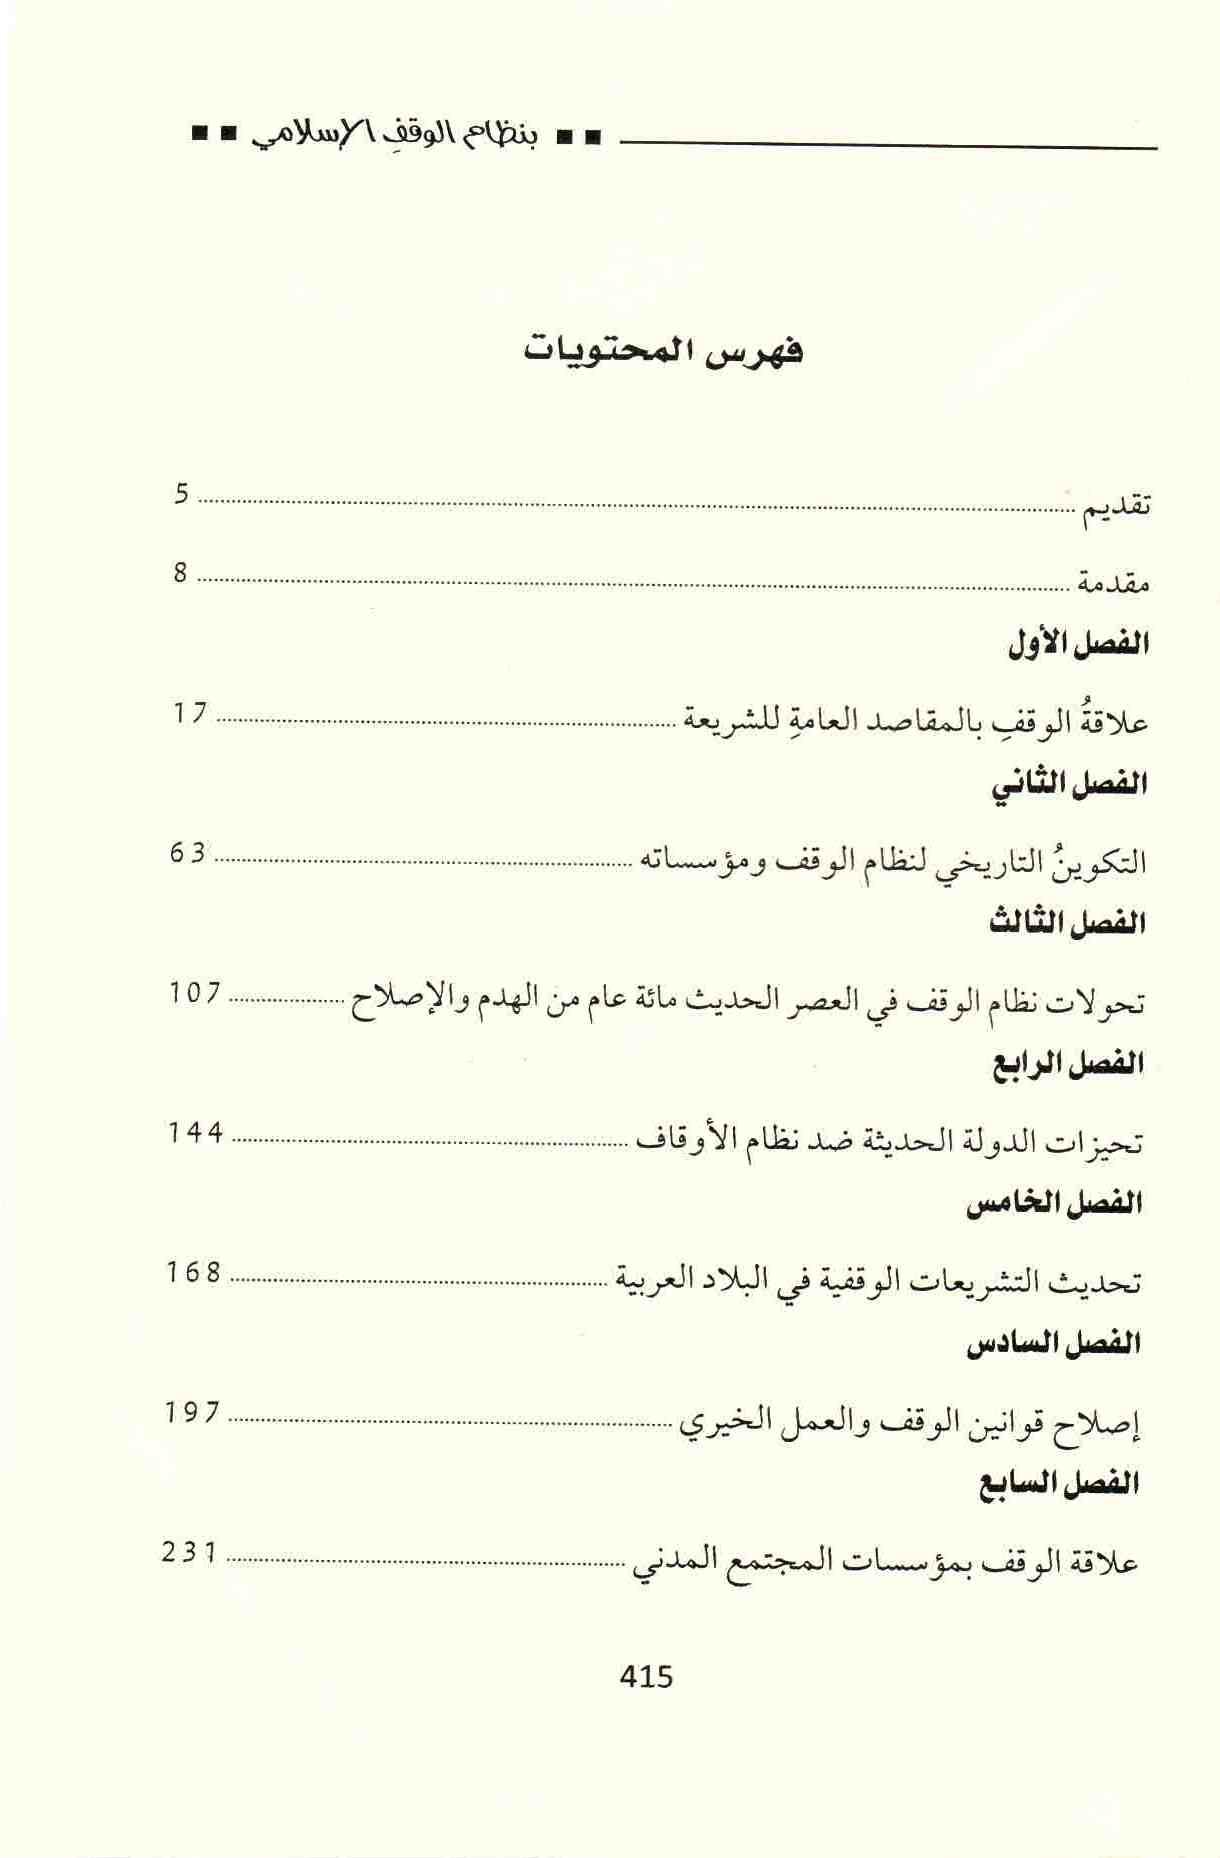 ص 415 محتويات كتاب تجديد الوعي الإسلامي